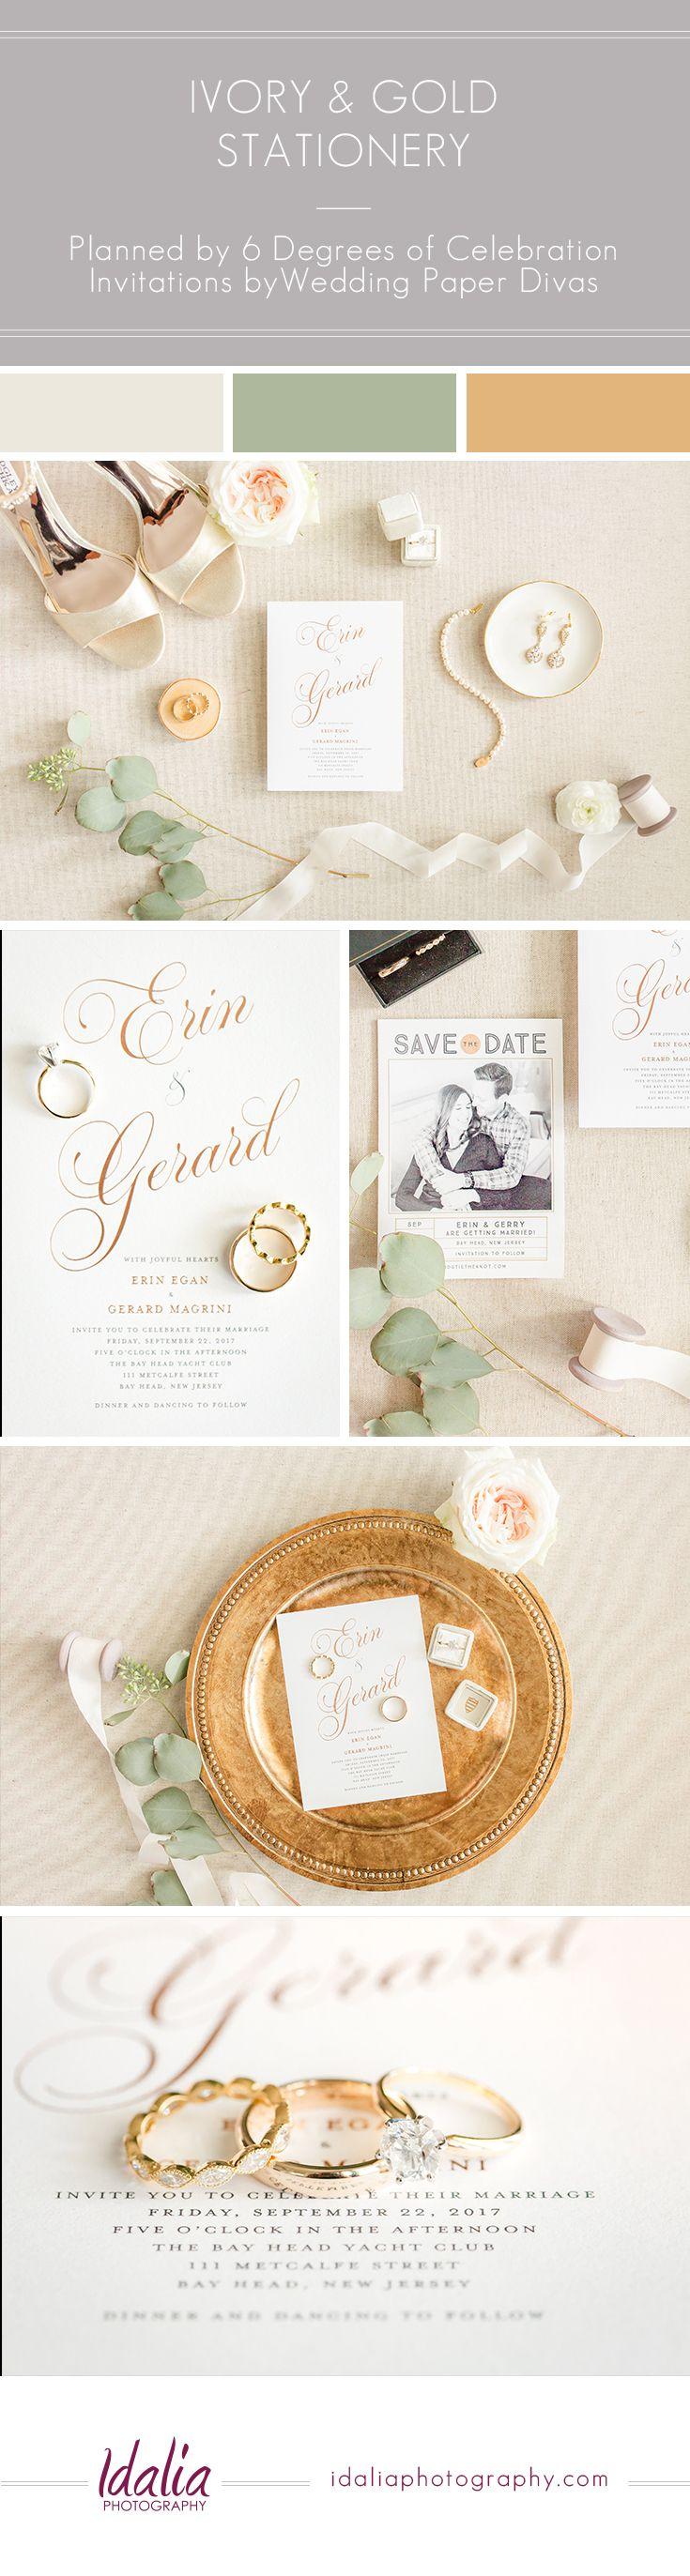 wedding invitations divas%0A Bay Head Yacht Club Wedding Photos